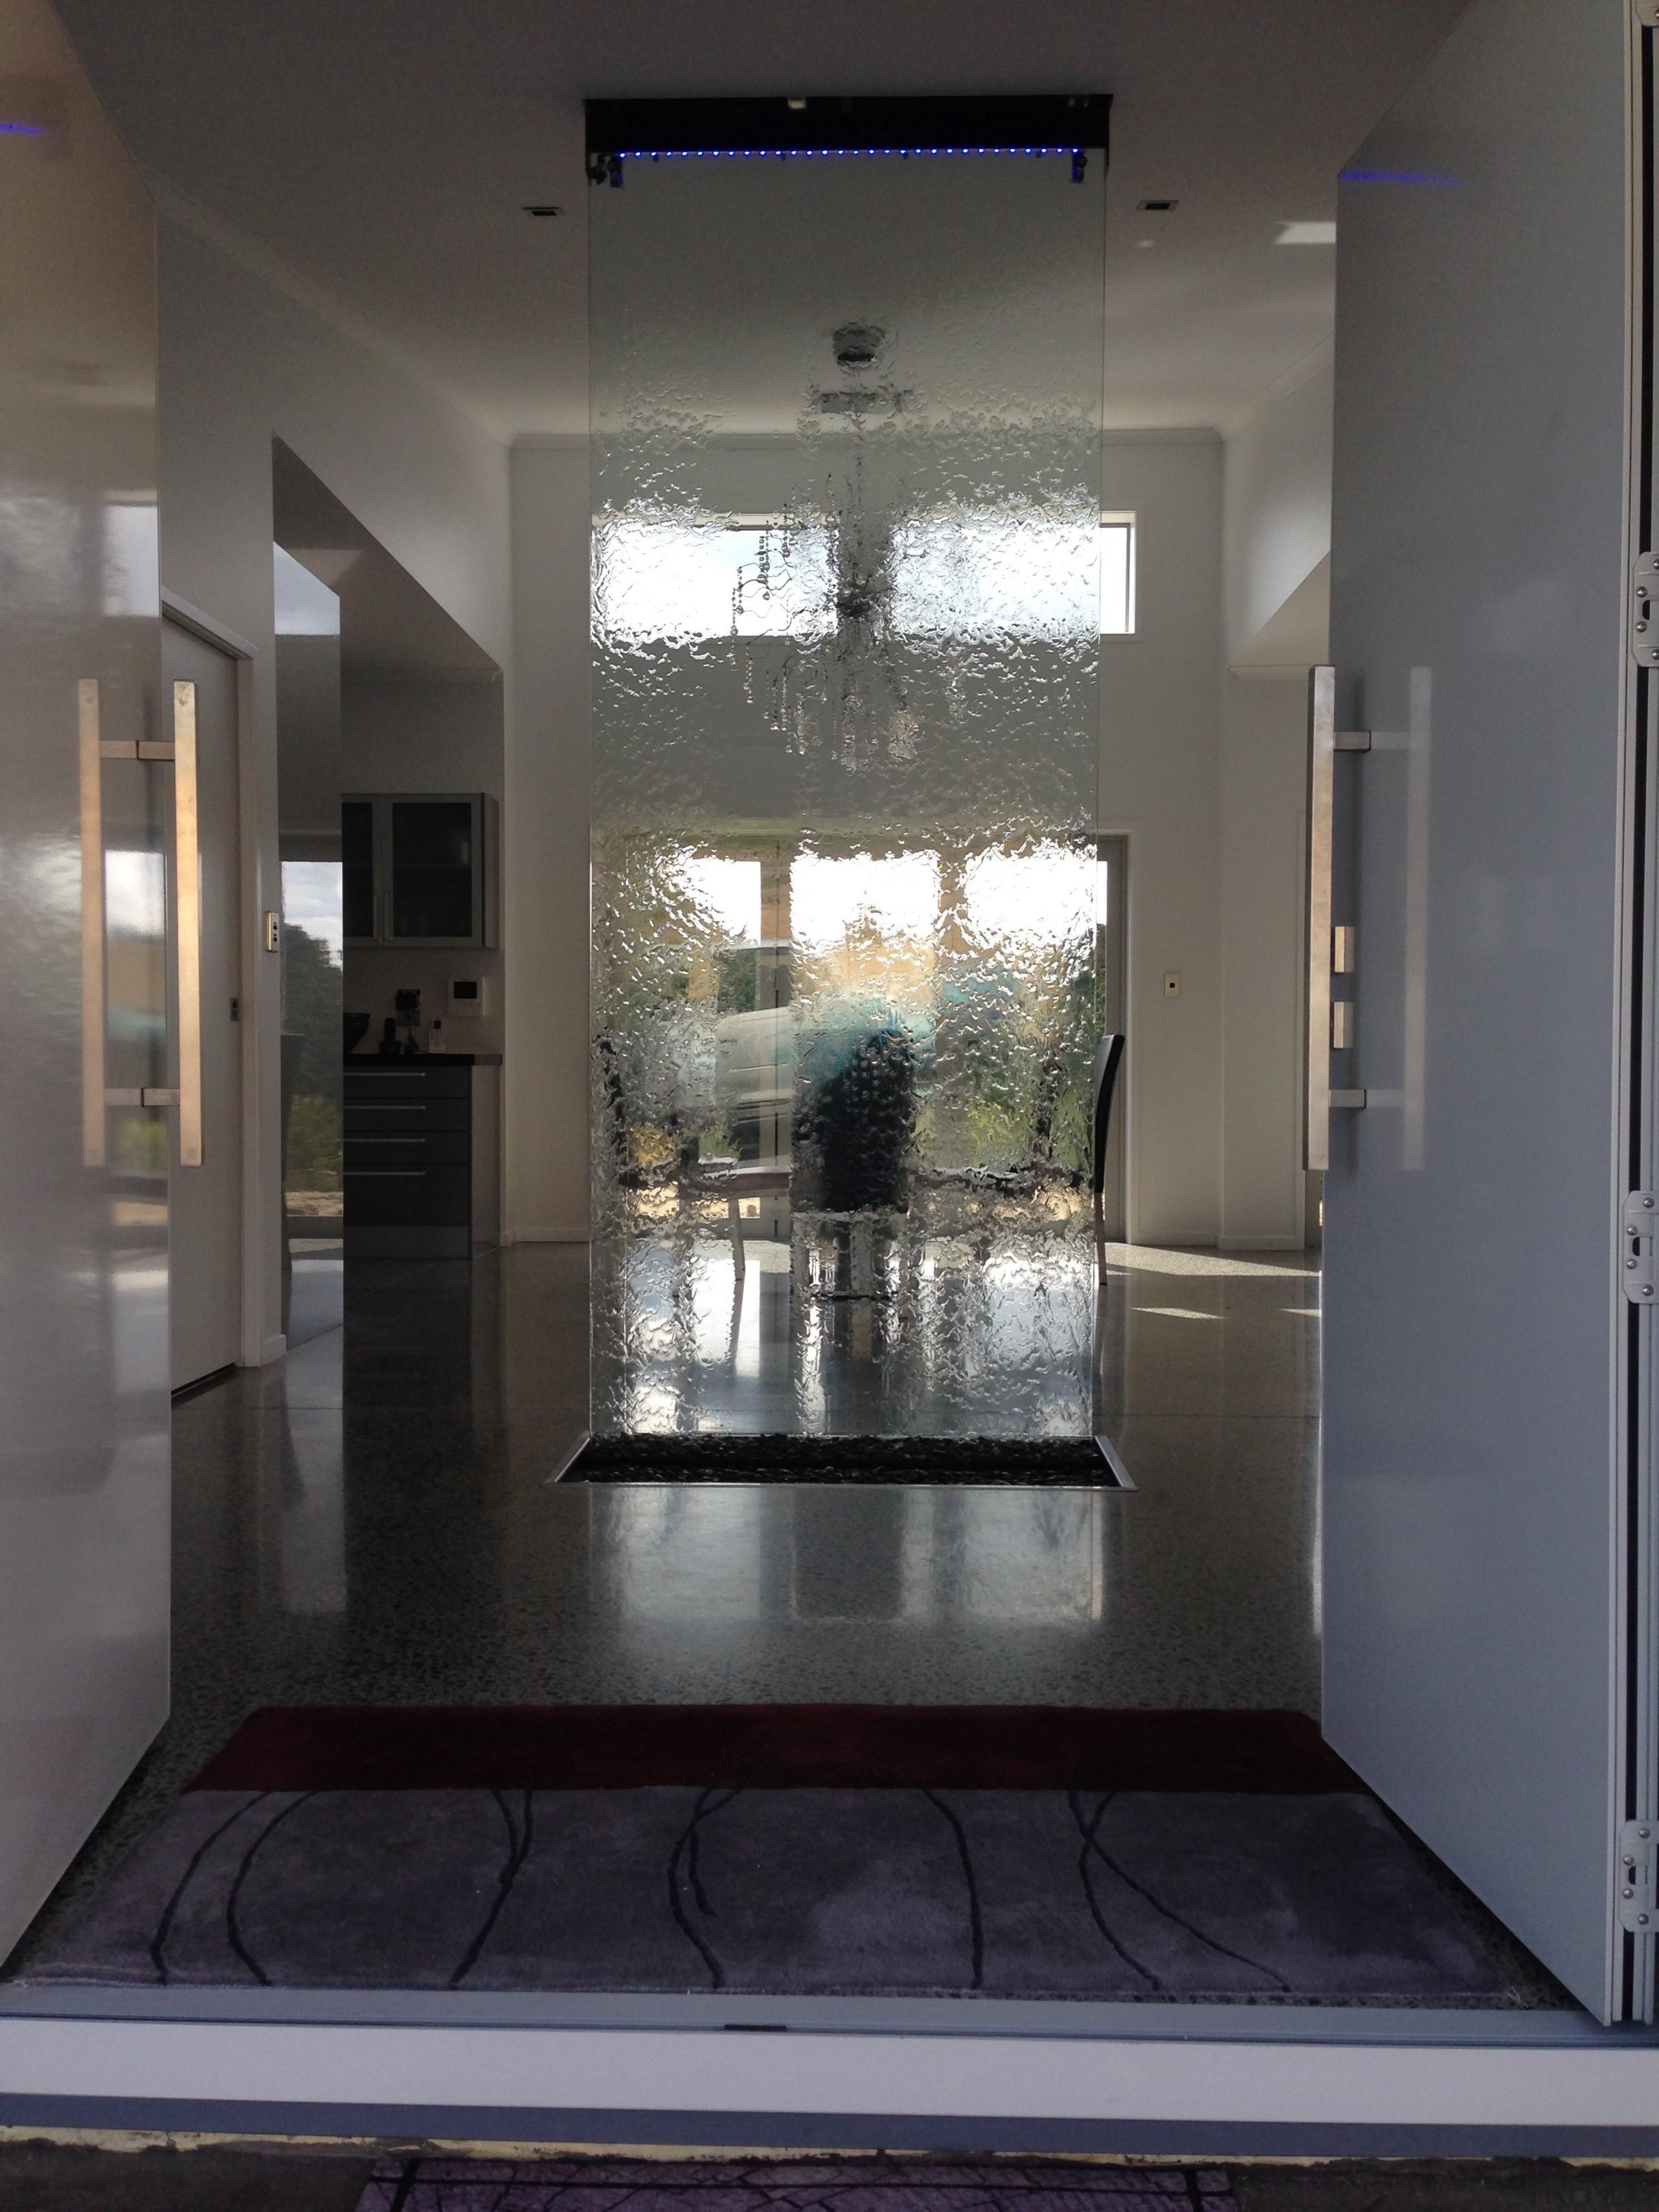 IMG 5 - ceiling   glass   interior ceiling, glass, interior design, gray, black